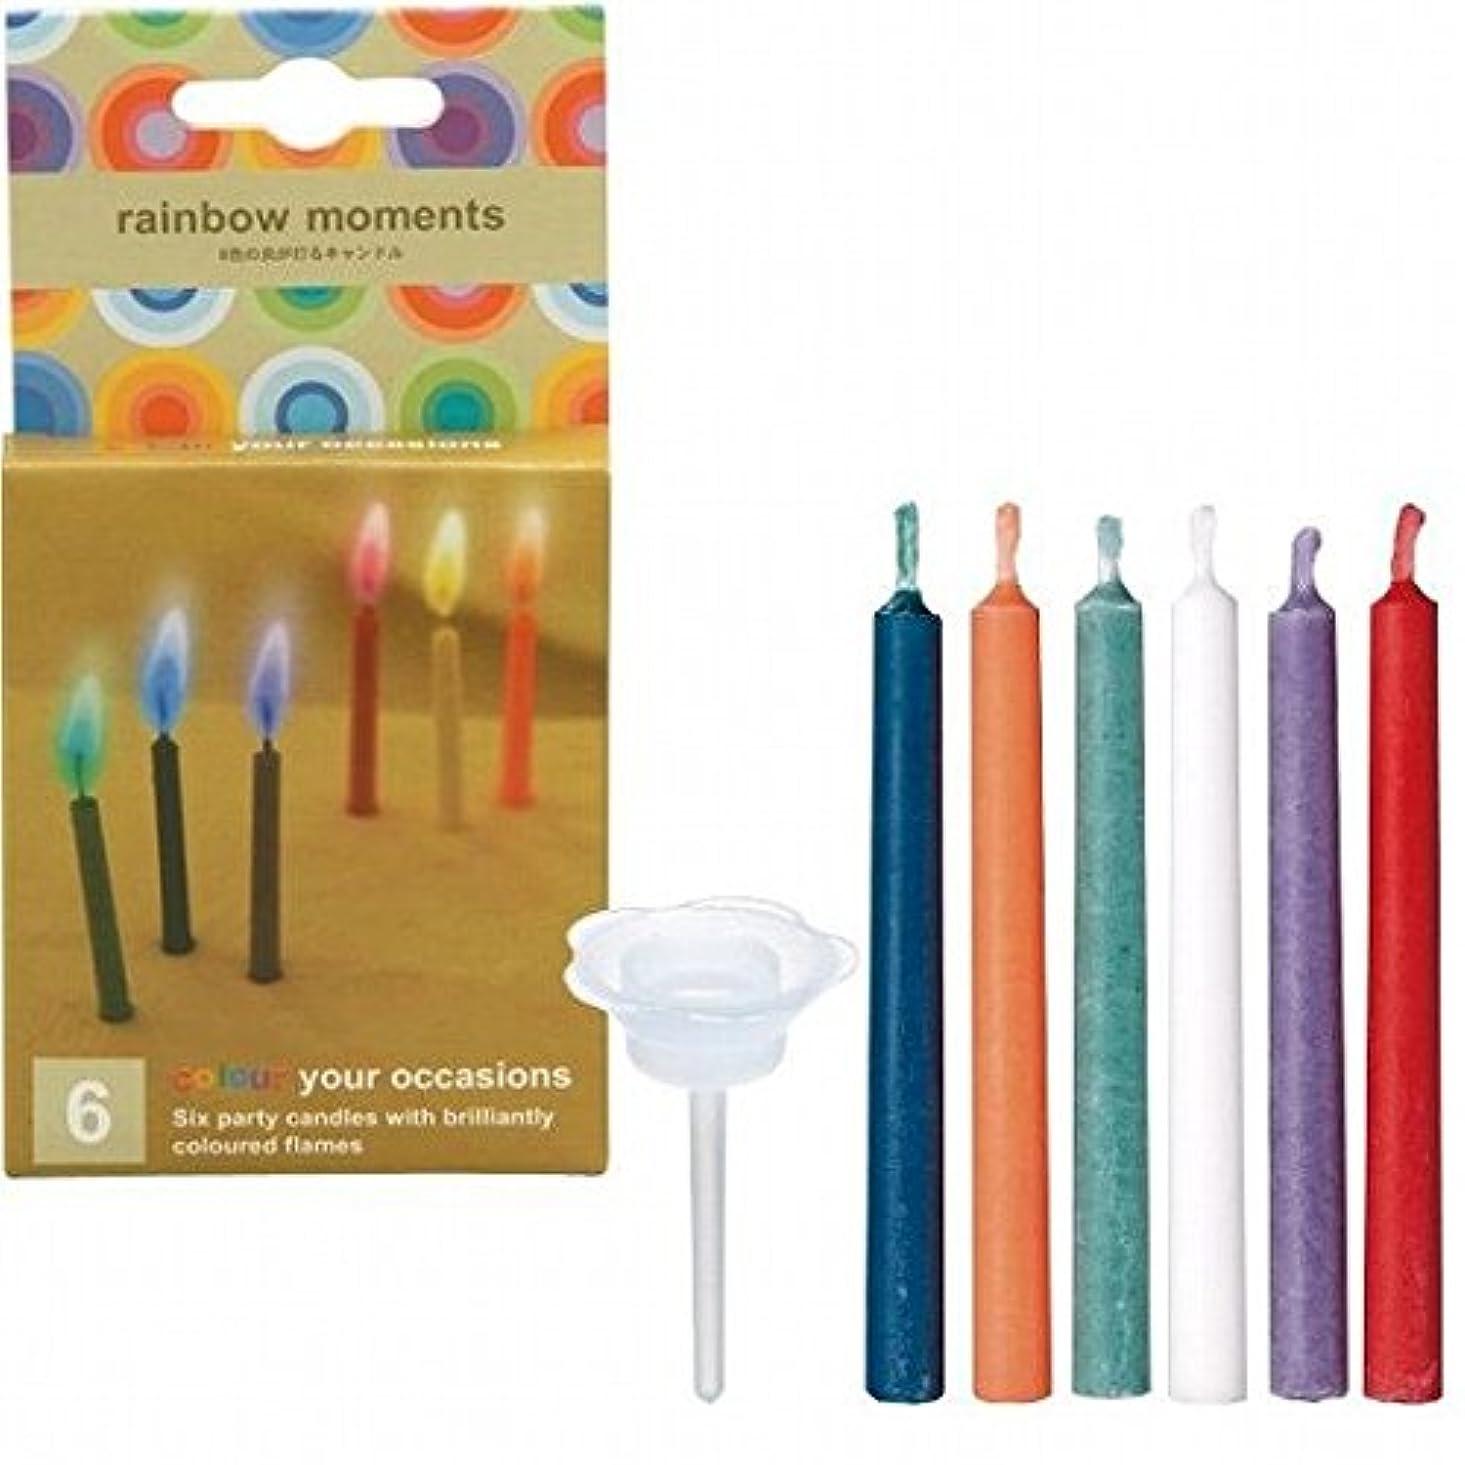 静的緑ファンタジーkameyama candle(カメヤマキャンドル) rainbowmoments(レインボーモーメント)6色6本入り 「 6本入り 」 キャンドル(56050000)